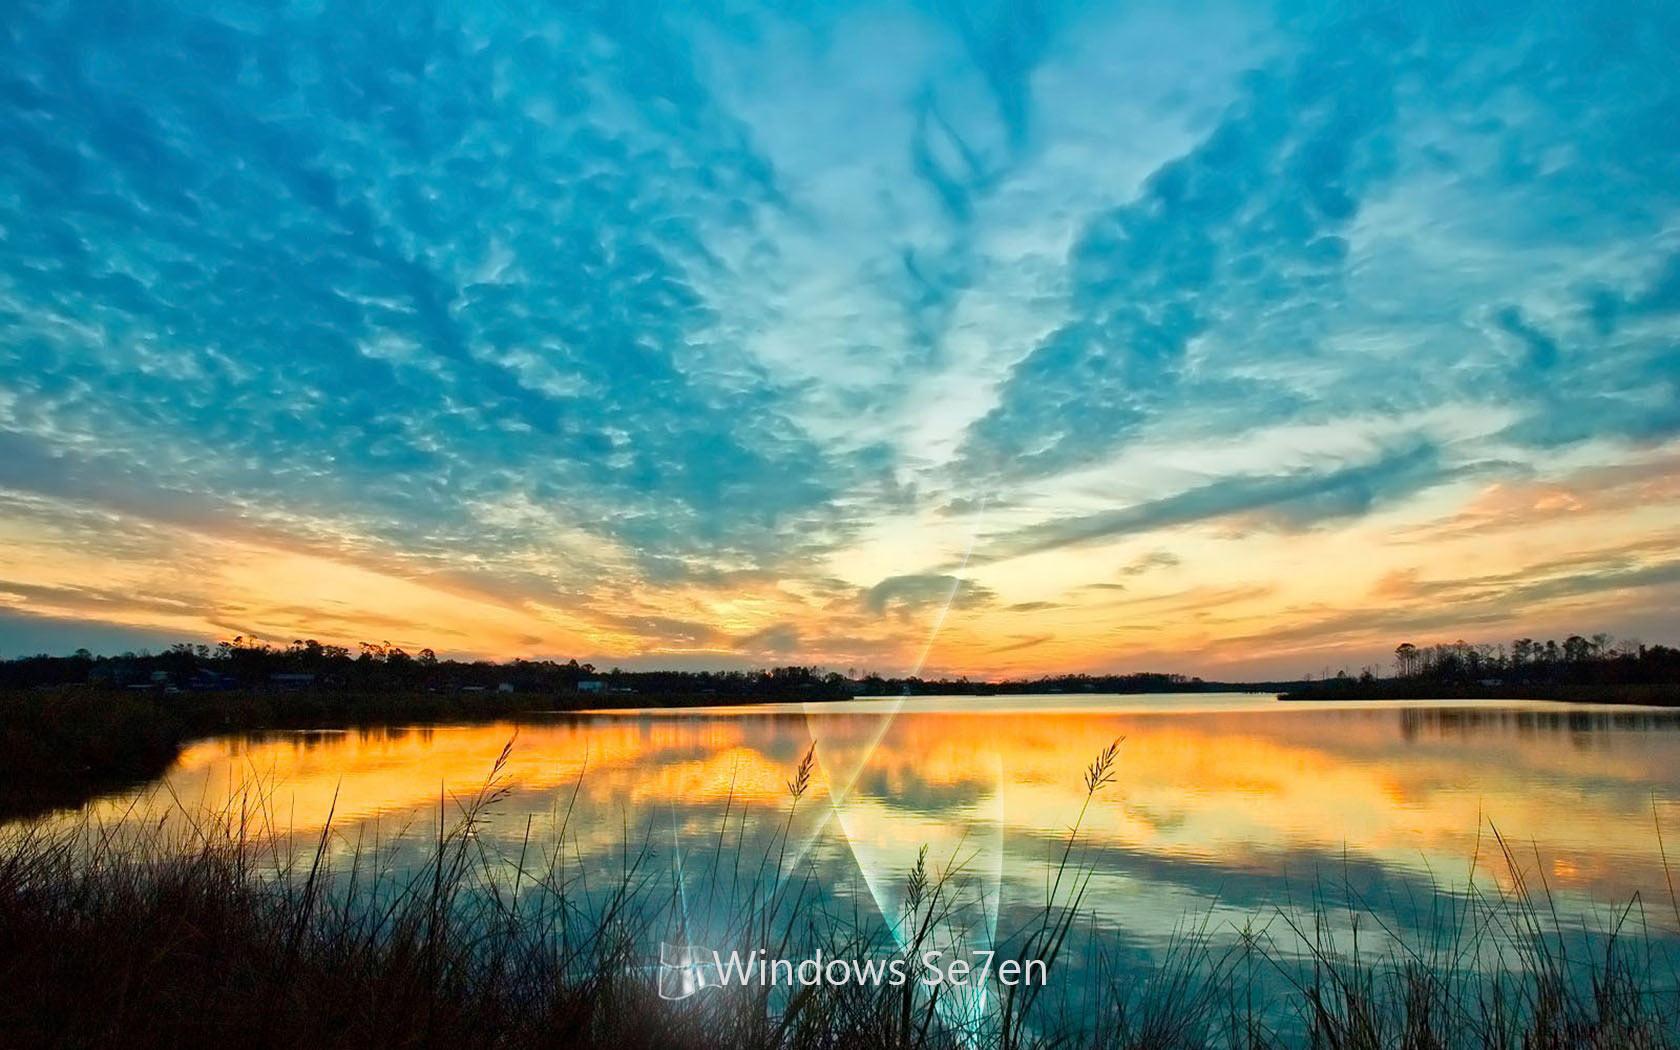 Windows 7 64 bit HD Wallpaper | High Quality Wallpapers,Wallpaper ...